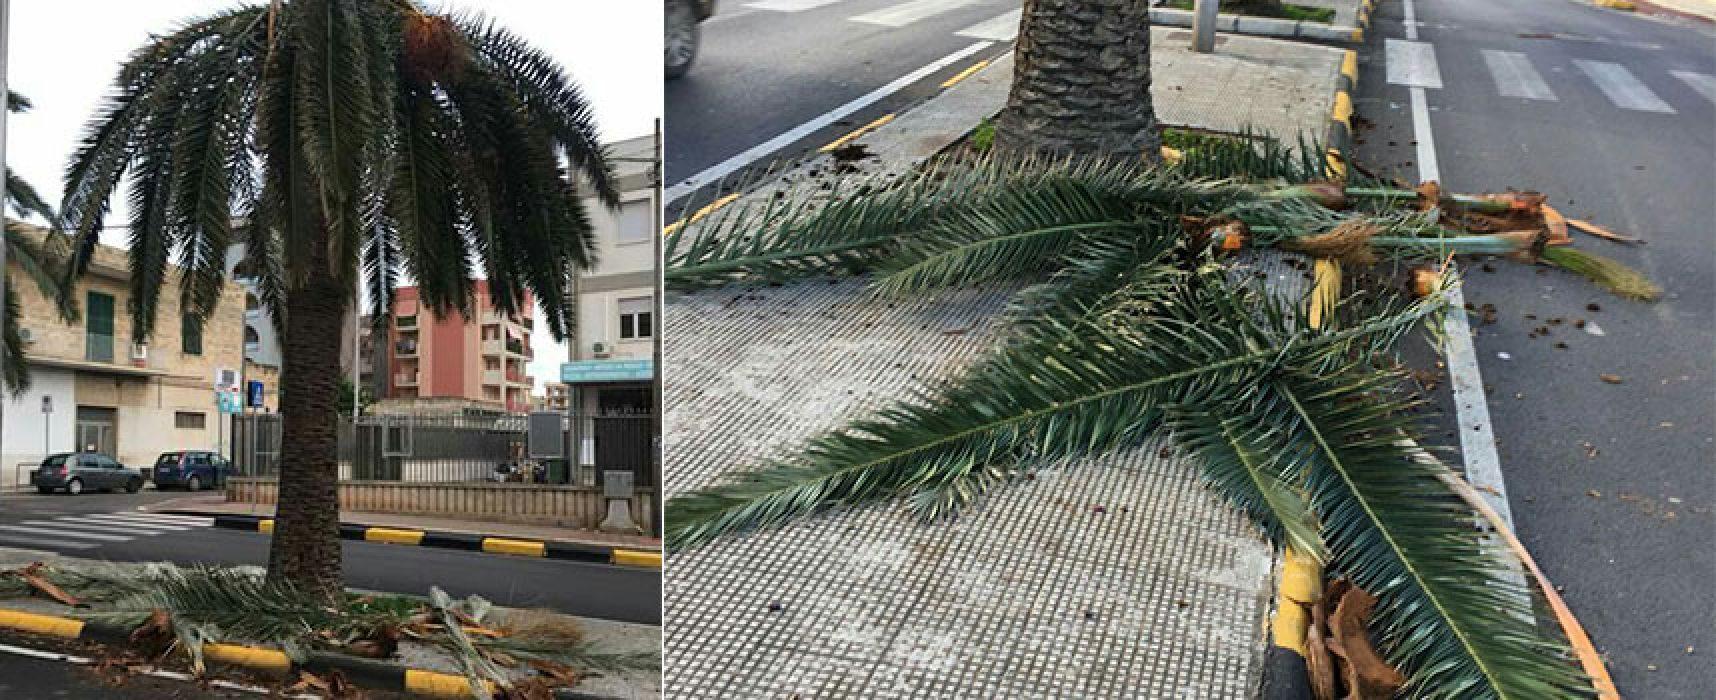 Palme distrutte dal punteruolo rosso, Attivisti a 5 stelle lanciano appello